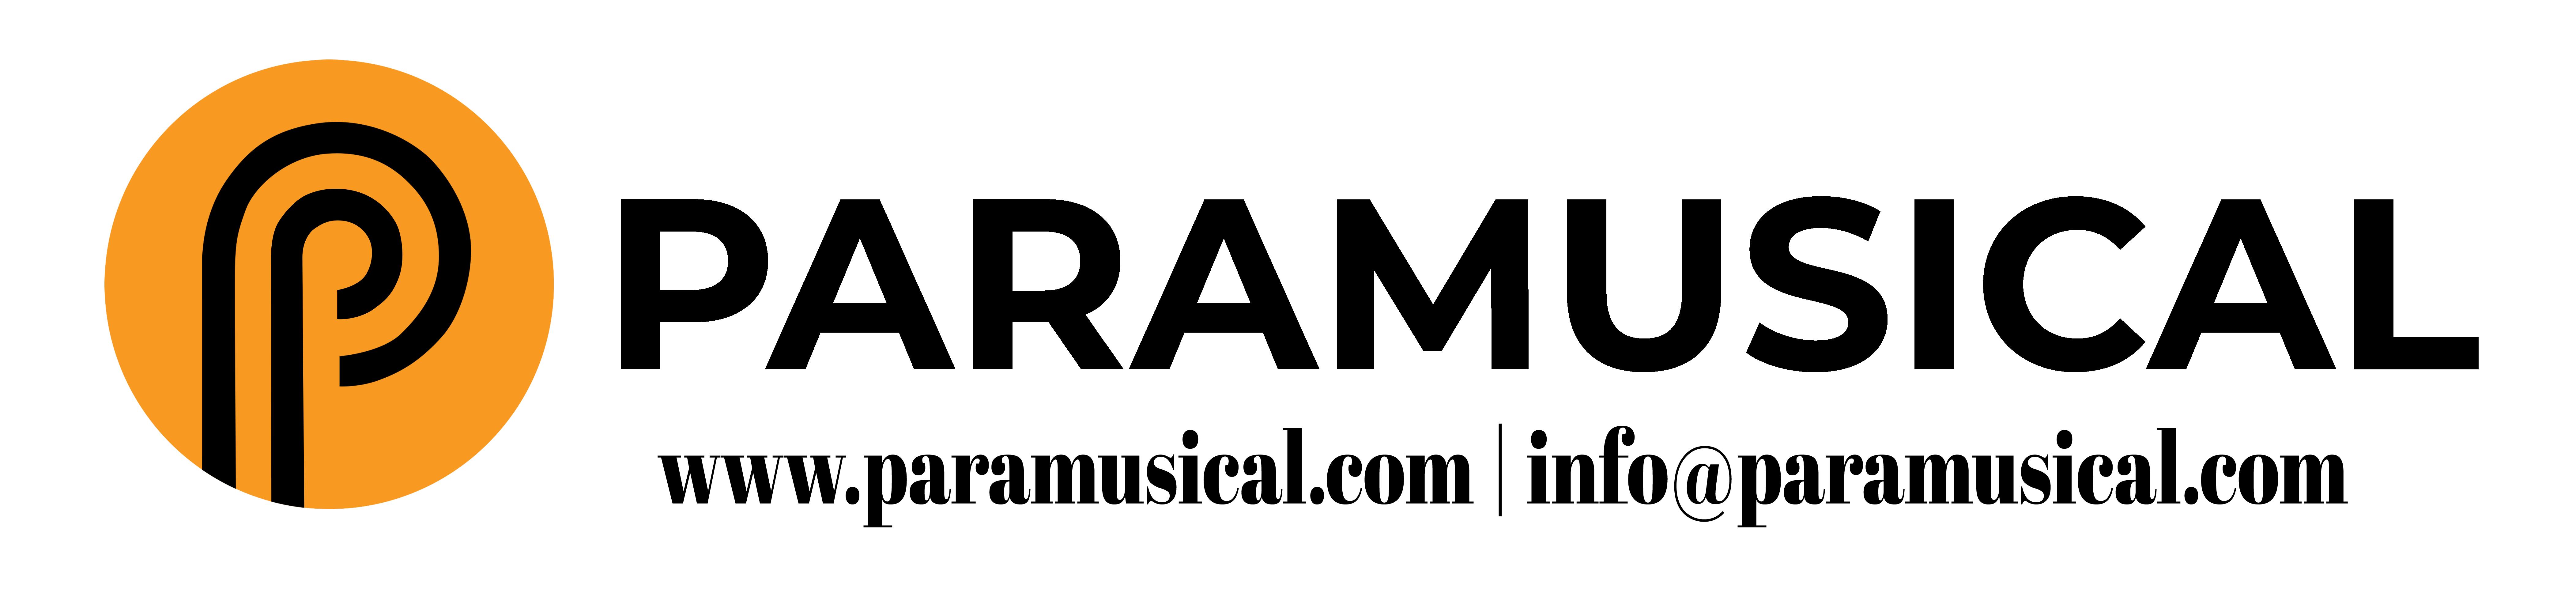 Paramusical Logo